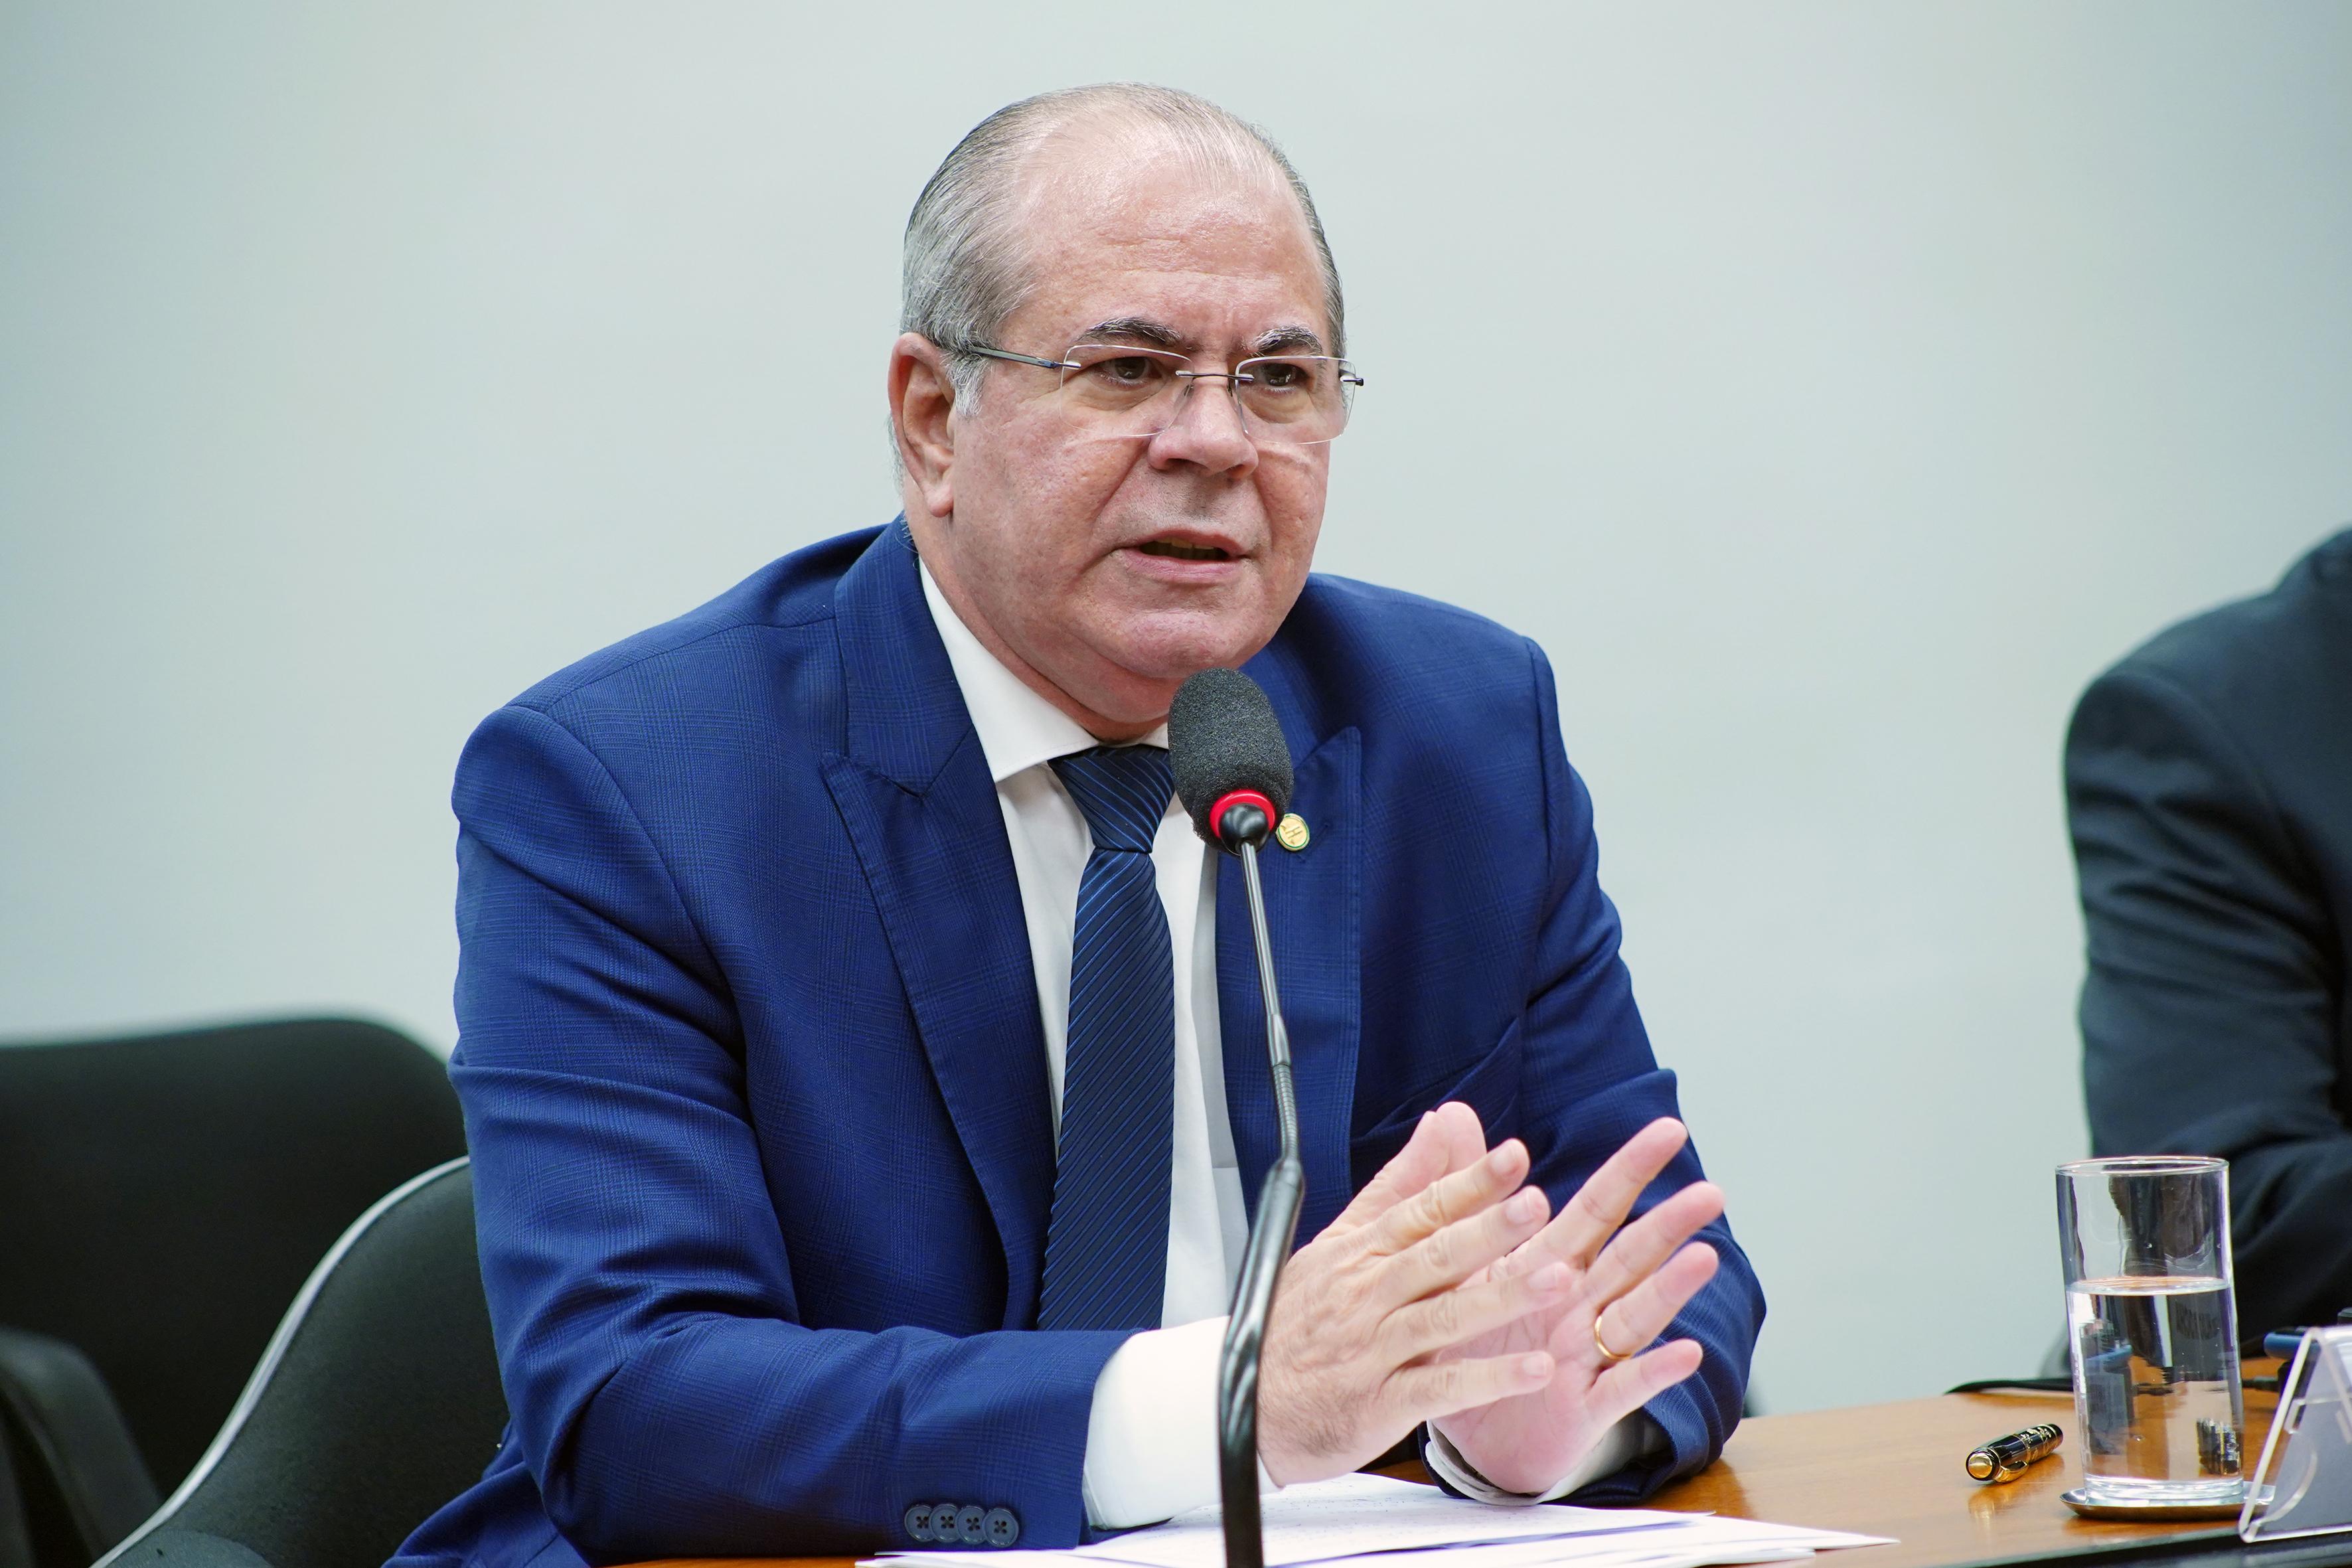 Audiência pública sobre as fontes orçamentárias que suportem as dotações constantes do PLN 4/2019 - CN. Dep. Hildo Rocha (MDB-MA)